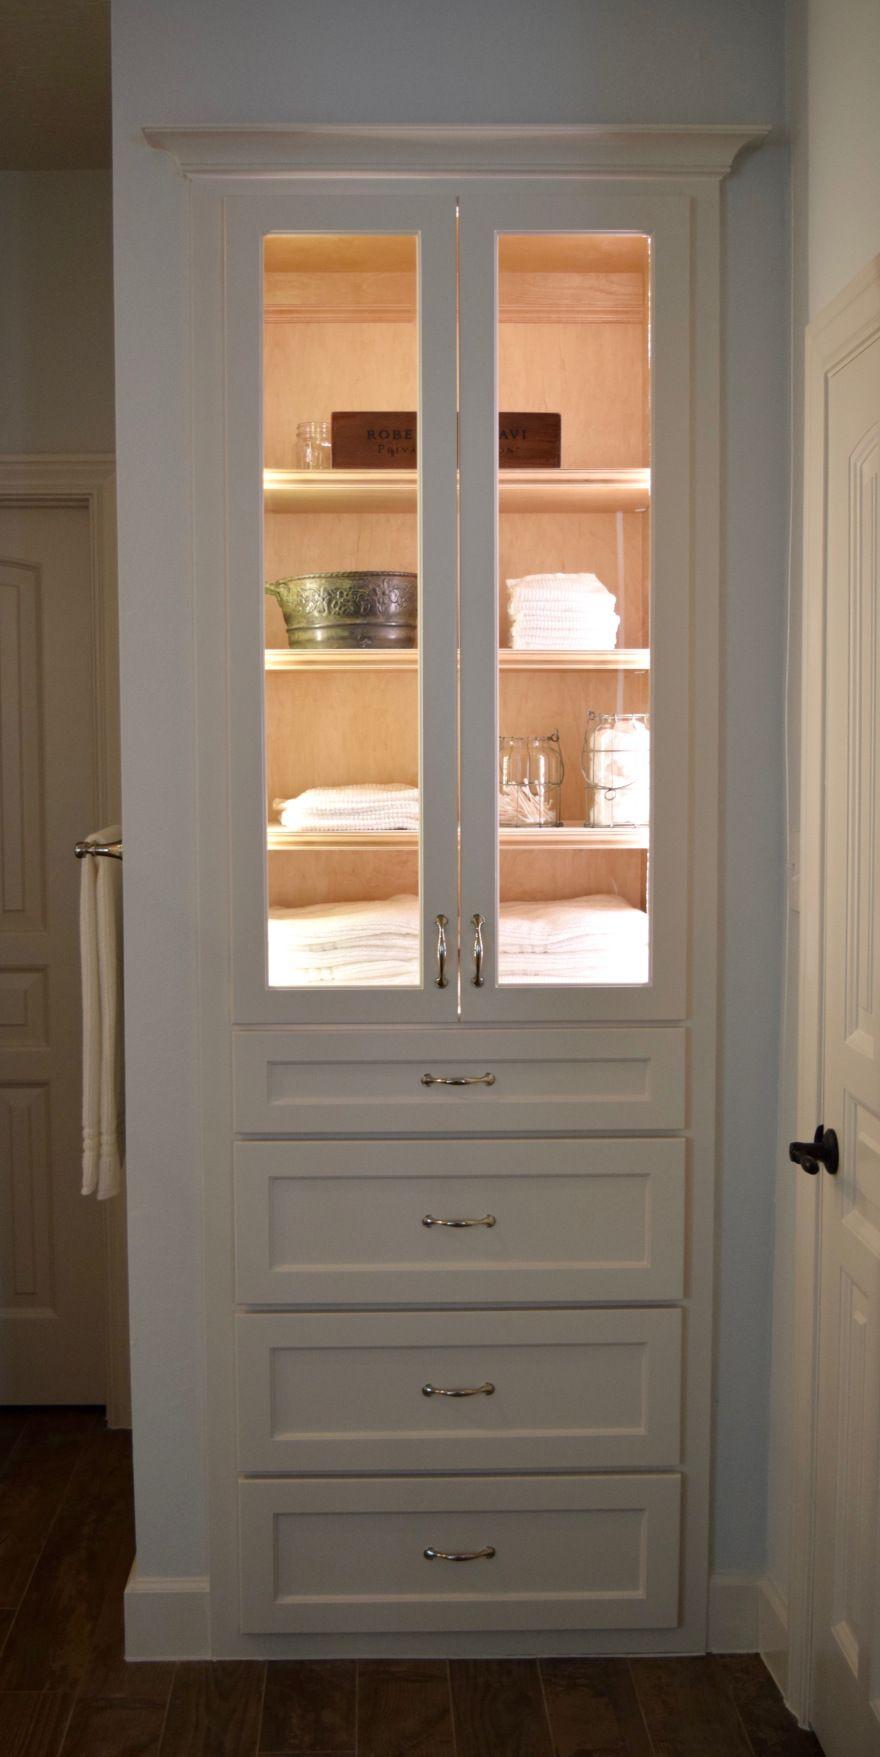 Crisp Clean Master Bath Reno Glass Cabinet Doors Glass Kitchen Cabinet Doors Glass Shelves In Bathroom